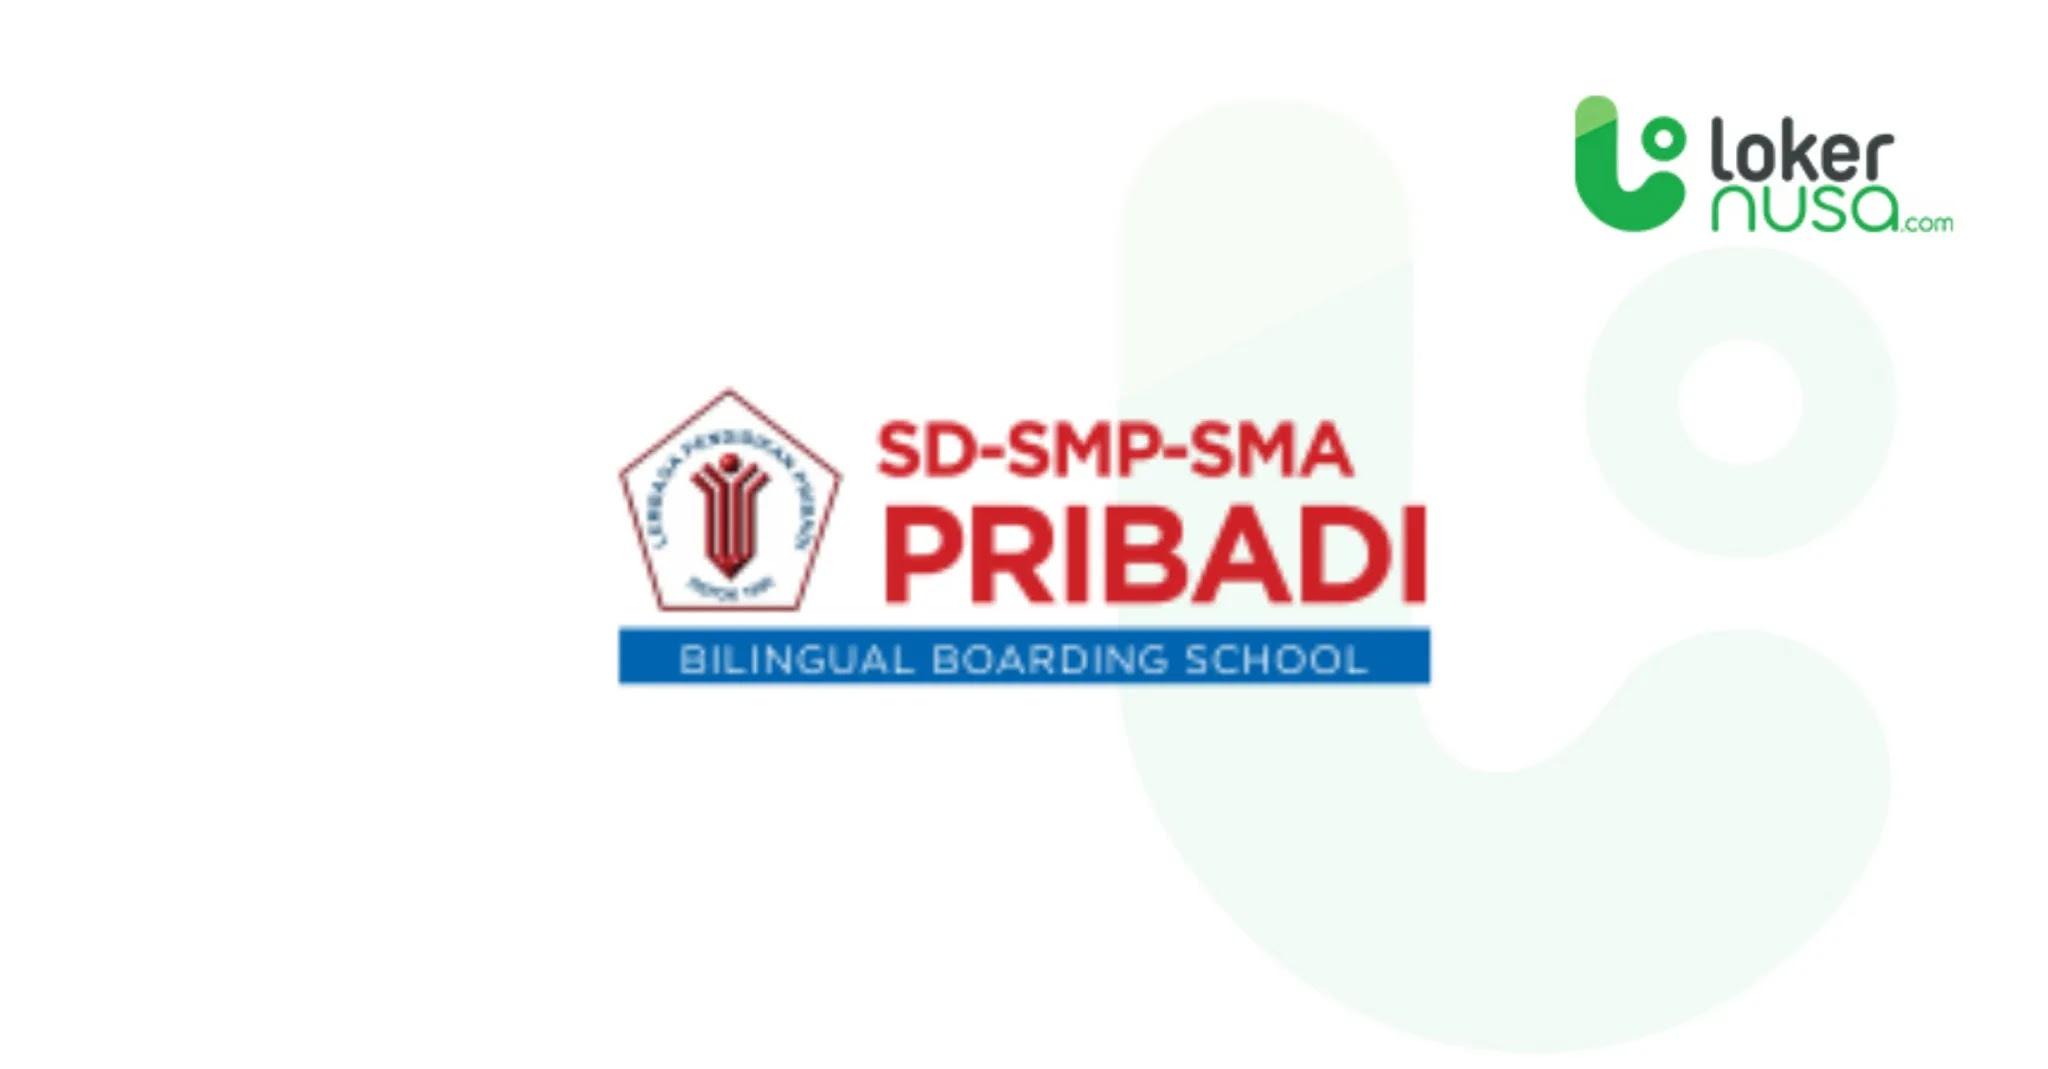 Lowongan Kerja Juli 2021 Pribadi School